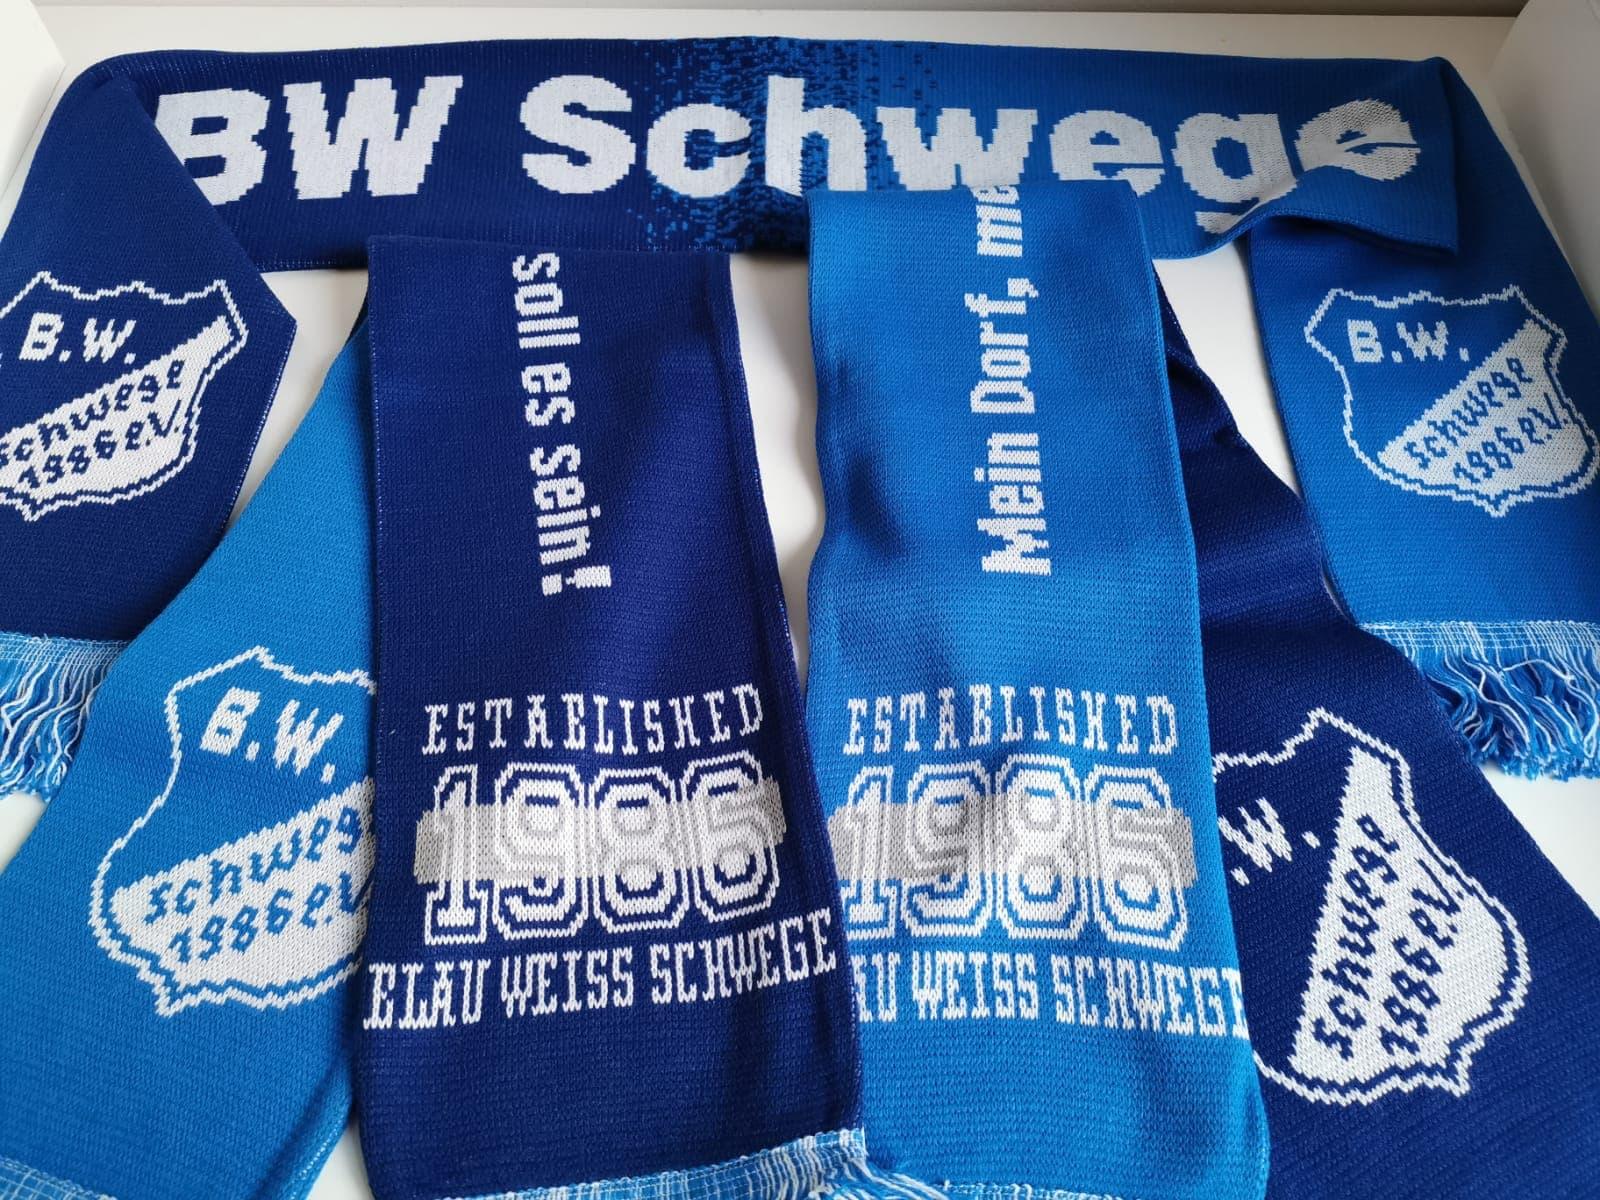 BW_Schwege_Fanschal